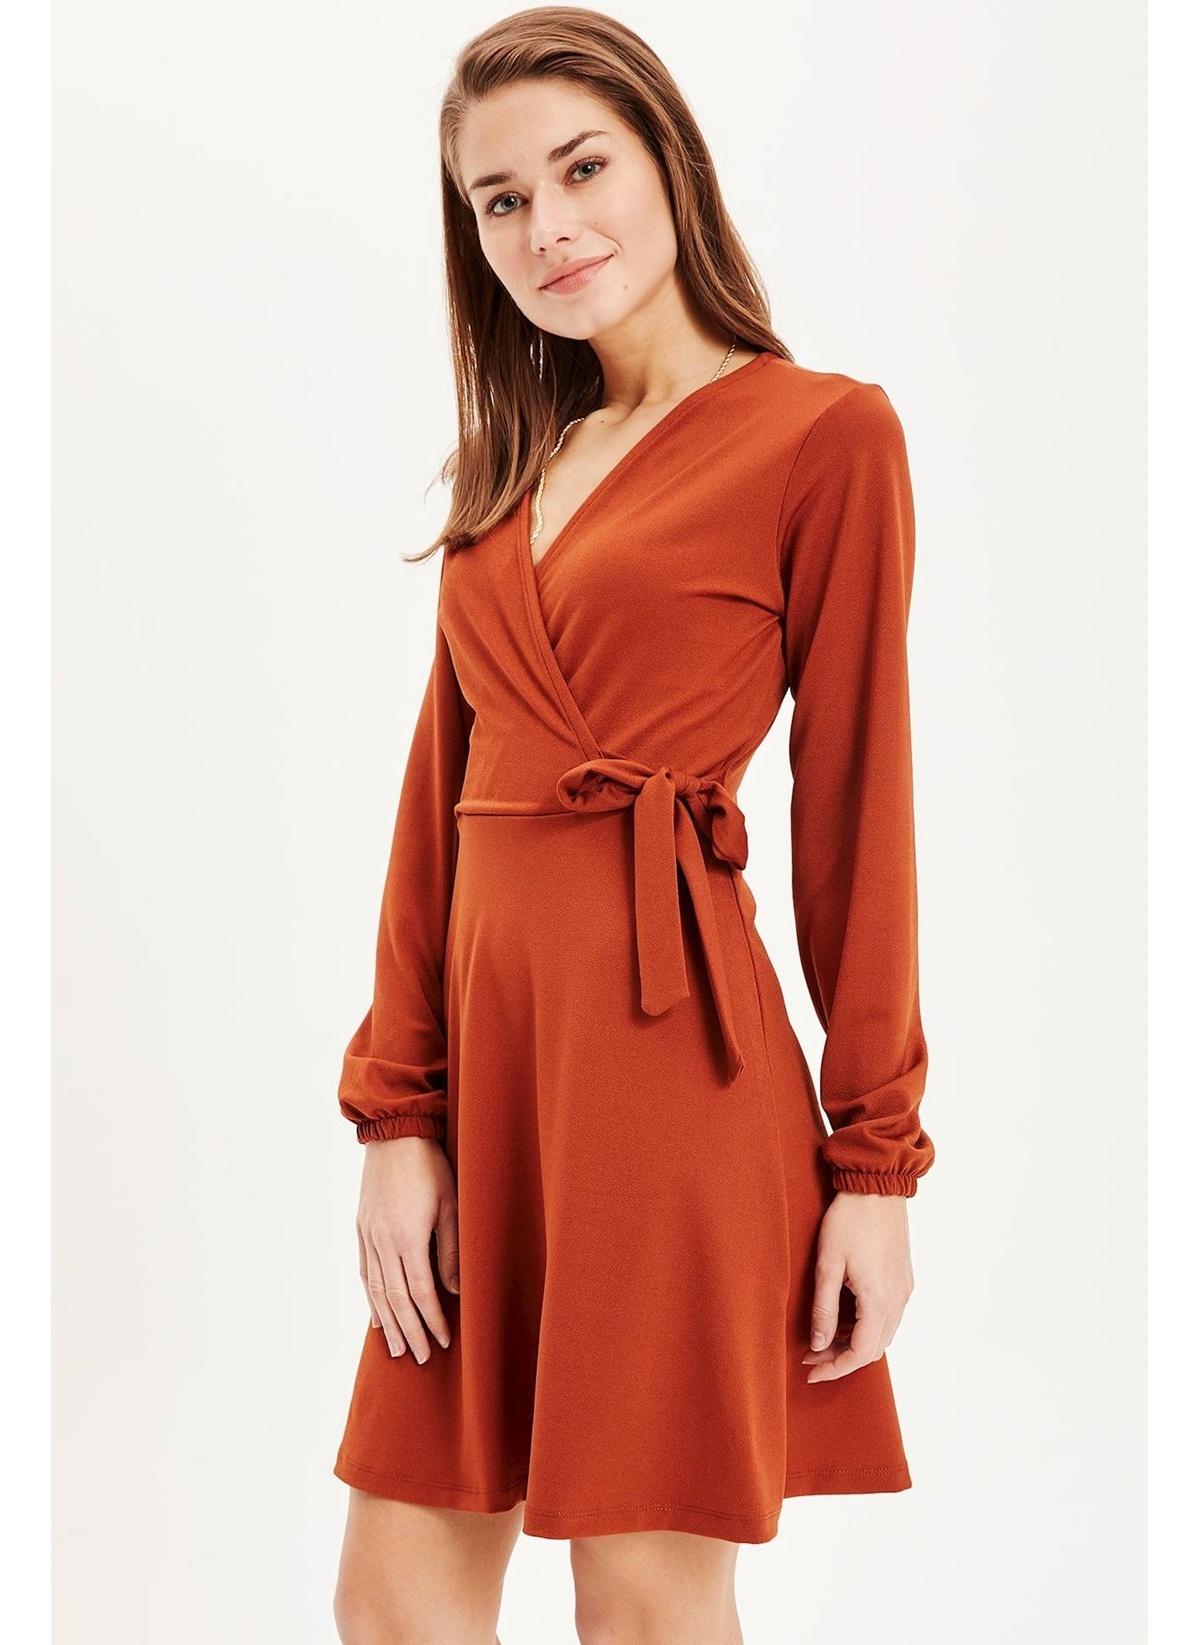 Defacto Kruvaze Yaka Uzun Elbise L0147az19spbn358elbise – 69.99 TL